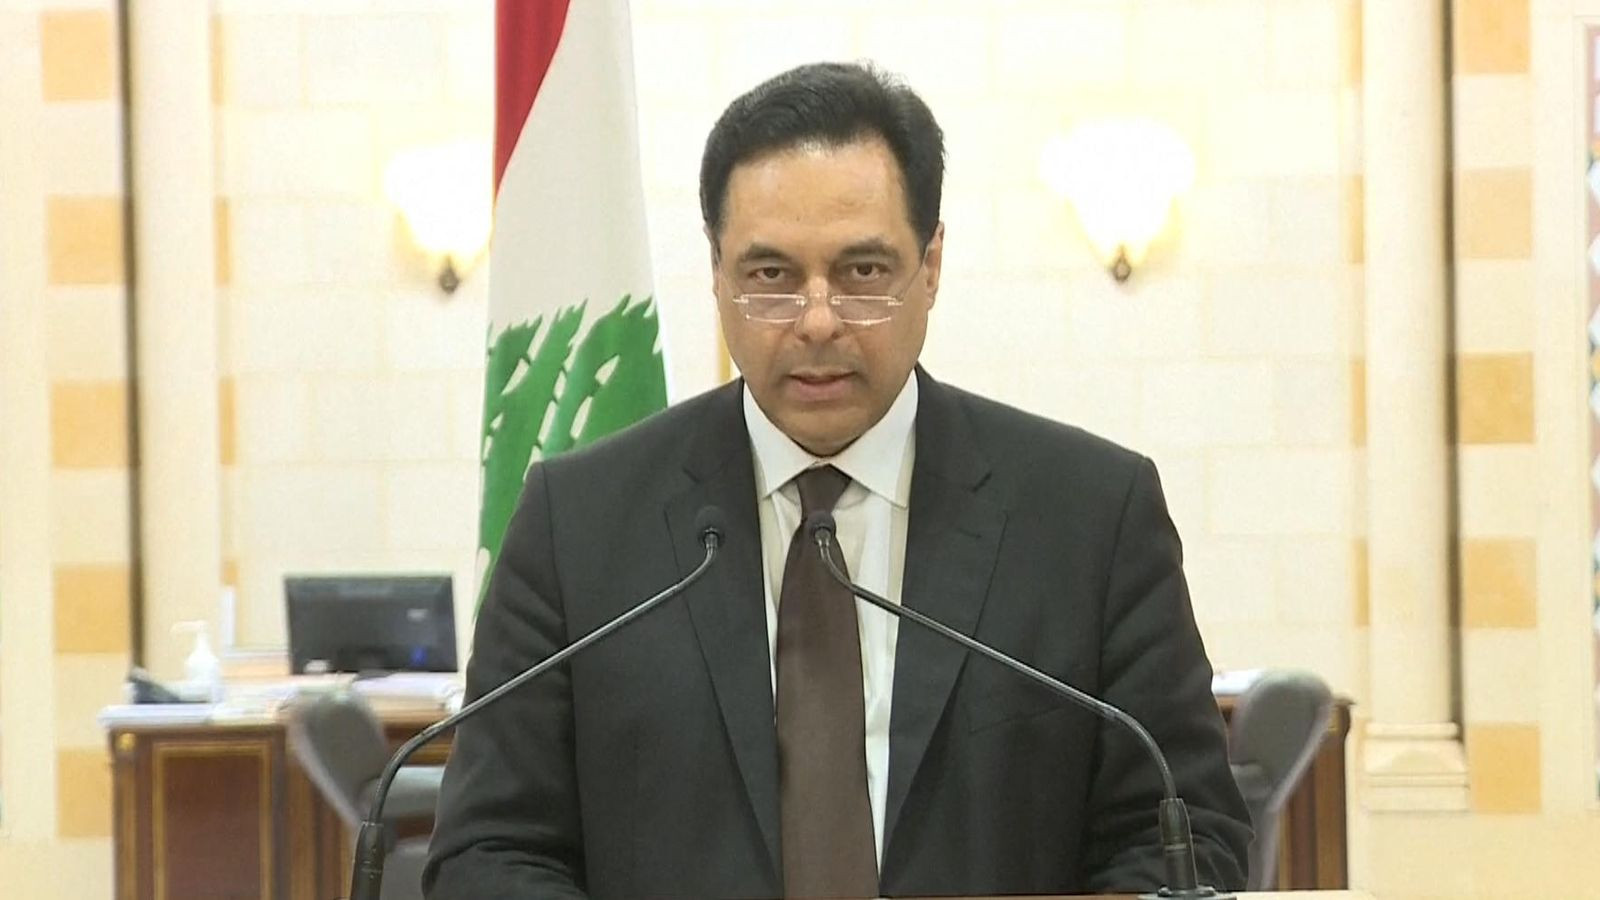 lebanon-prime-minister-Hassan Diab